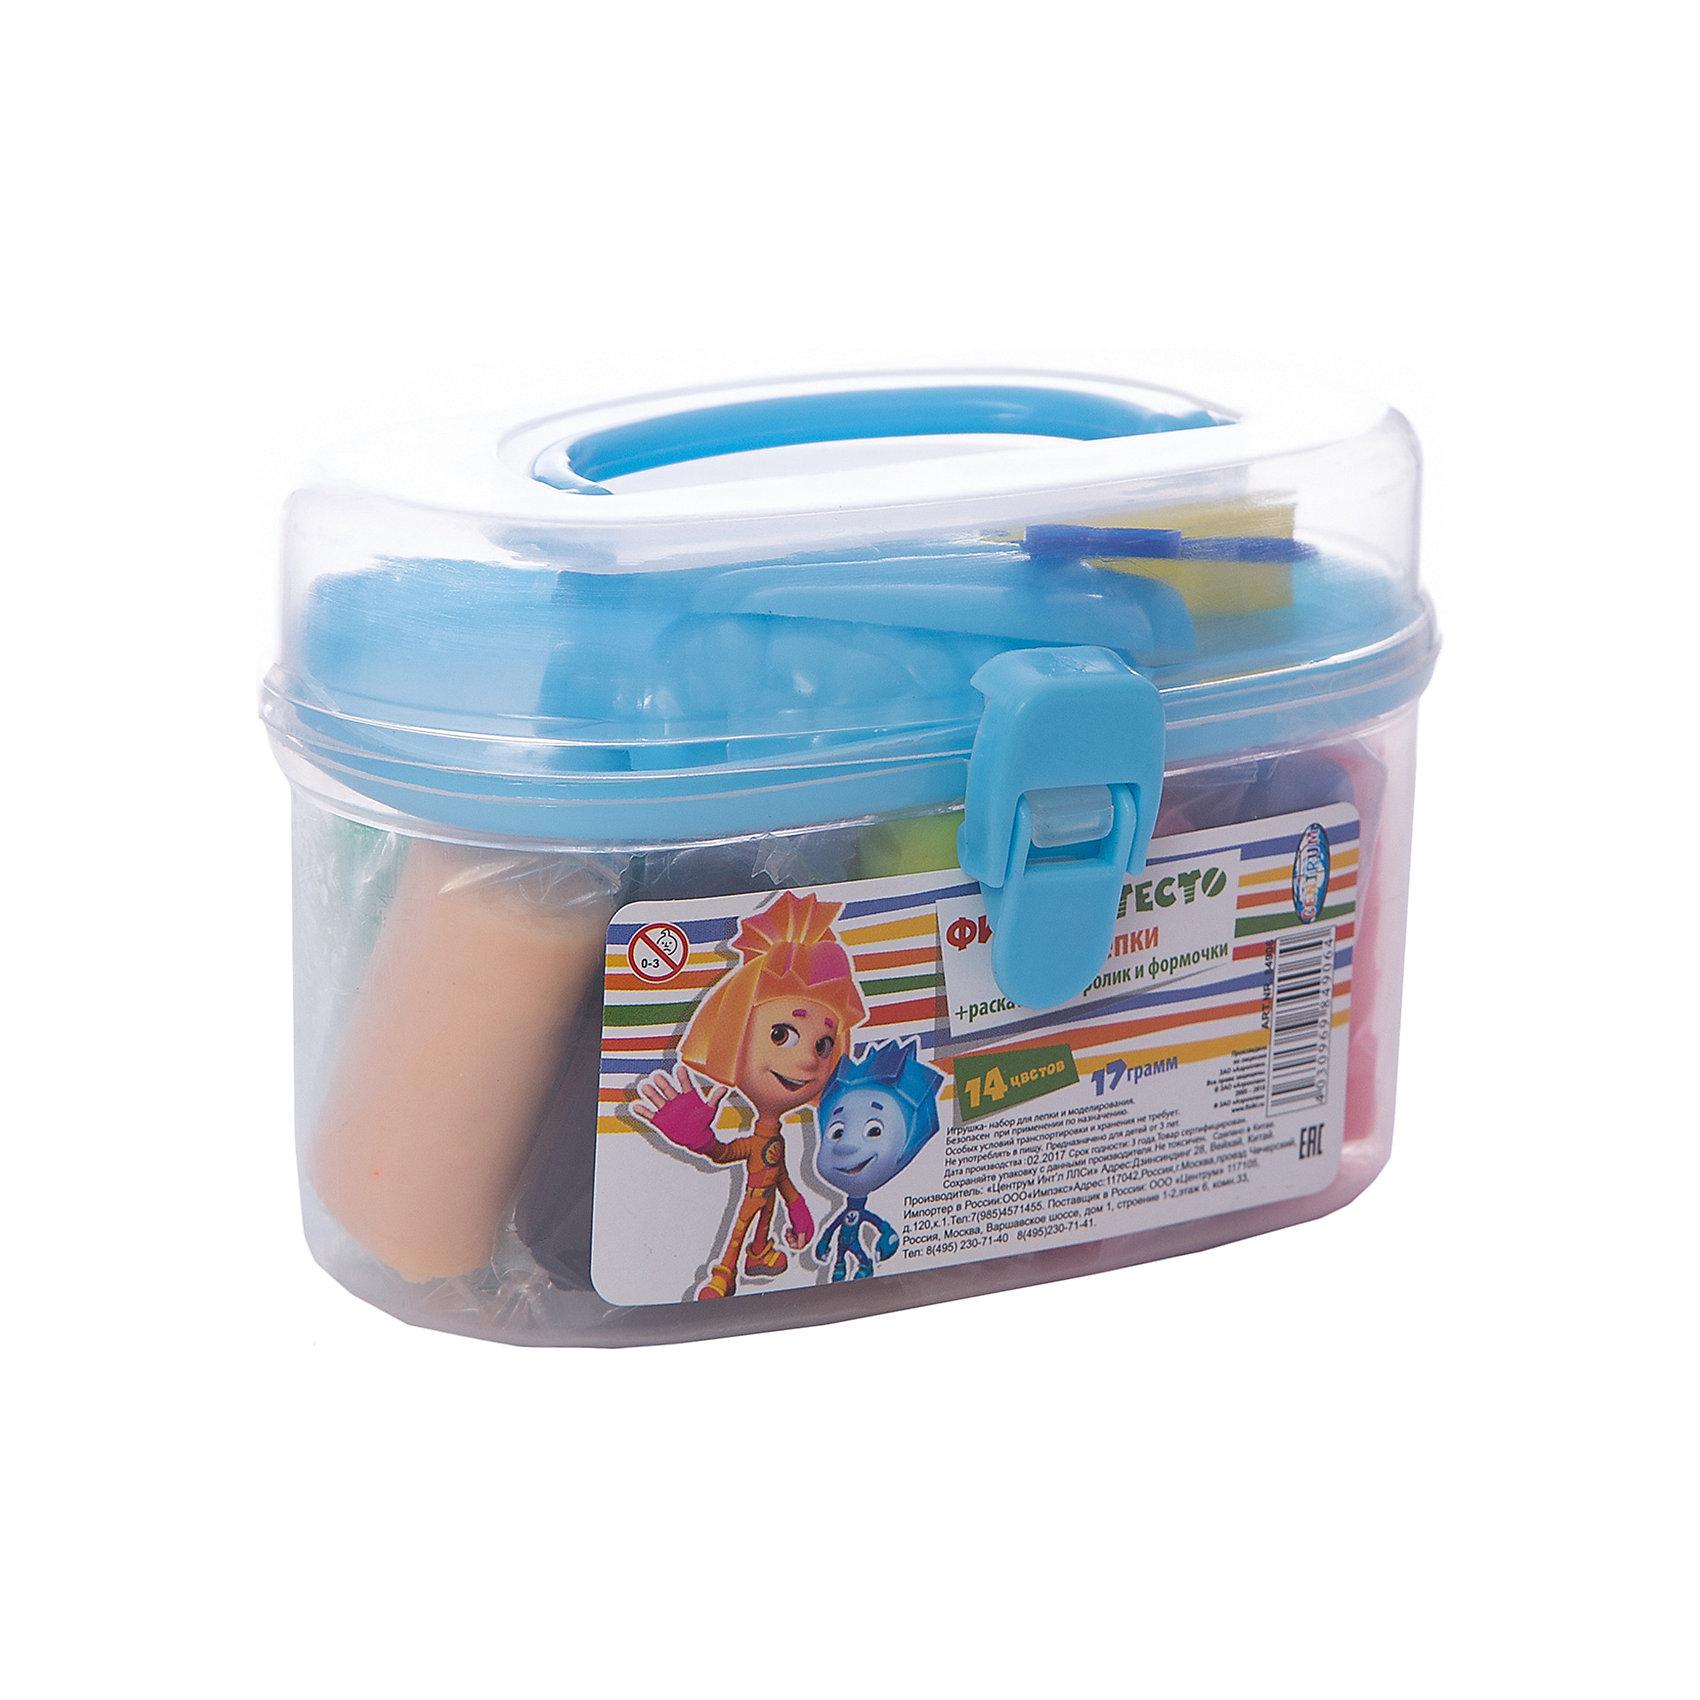 Набор теста для лепки Фиксики в сундуке,  14 цветовЛепка<br>Набор теста для лепки Фиксики замечательно подойдет для детского творчества и превратит лепку в увлекательное занятие. Яркие разнообразные цвета открывают ребенку простор для творческих экспериментов и позволят создавать различные фигурки и поделки. Мягкое тесто обладает отличными пластичными свойствами, не пачкается и не липнет к рукам, полностью застывает на открытом воздухе в течение суток. Цвета отлично смешиваются между собой, образуя новые оттенки. Тесто каждого цвета хранится в отдельном пакетике. В комплект также входят пластиковый ролик и 2 формочки. Весь набор упакован в пластиковый сундучок с ручкой для переноски. Занятия лепкой развивают у ребенка фантазию, творческие способности и объемное воображение, тренируют координацию движений и мелкую моторику.<br><br><br>Дополнительная информация:<br><br>- В комплекте: 14 цветов теста по 17 гр. (розовый, синий, сиреневый, красный, белый, зеленый, темно-оранжевый, желтый, черный, коричневый, салатовый, малиновый, бежевый, светло-оранжевый), пластиковый ролик, 2 формочки.<br>- Размер бруска с тестом: 4,2 х 2,3 см.<br>- Средняя длина формочки: 6 см.<br>- Размер упаковки: 11,5 х 5,5 х 8 см.<br>- Вес: 0,259 кг.<br><br>Набор теста для лепки Фиксики в сундуке, 14 цветов, Centrum, можно купить в нашем интернет-магазине.<br><br>Ширина мм: 60<br>Глубина мм: 120<br>Высота мм: 80<br>Вес г: 270<br>Возраст от месяцев: 36<br>Возраст до месяцев: 120<br>Пол: Унисекс<br>Возраст: Детский<br>SKU: 4356935